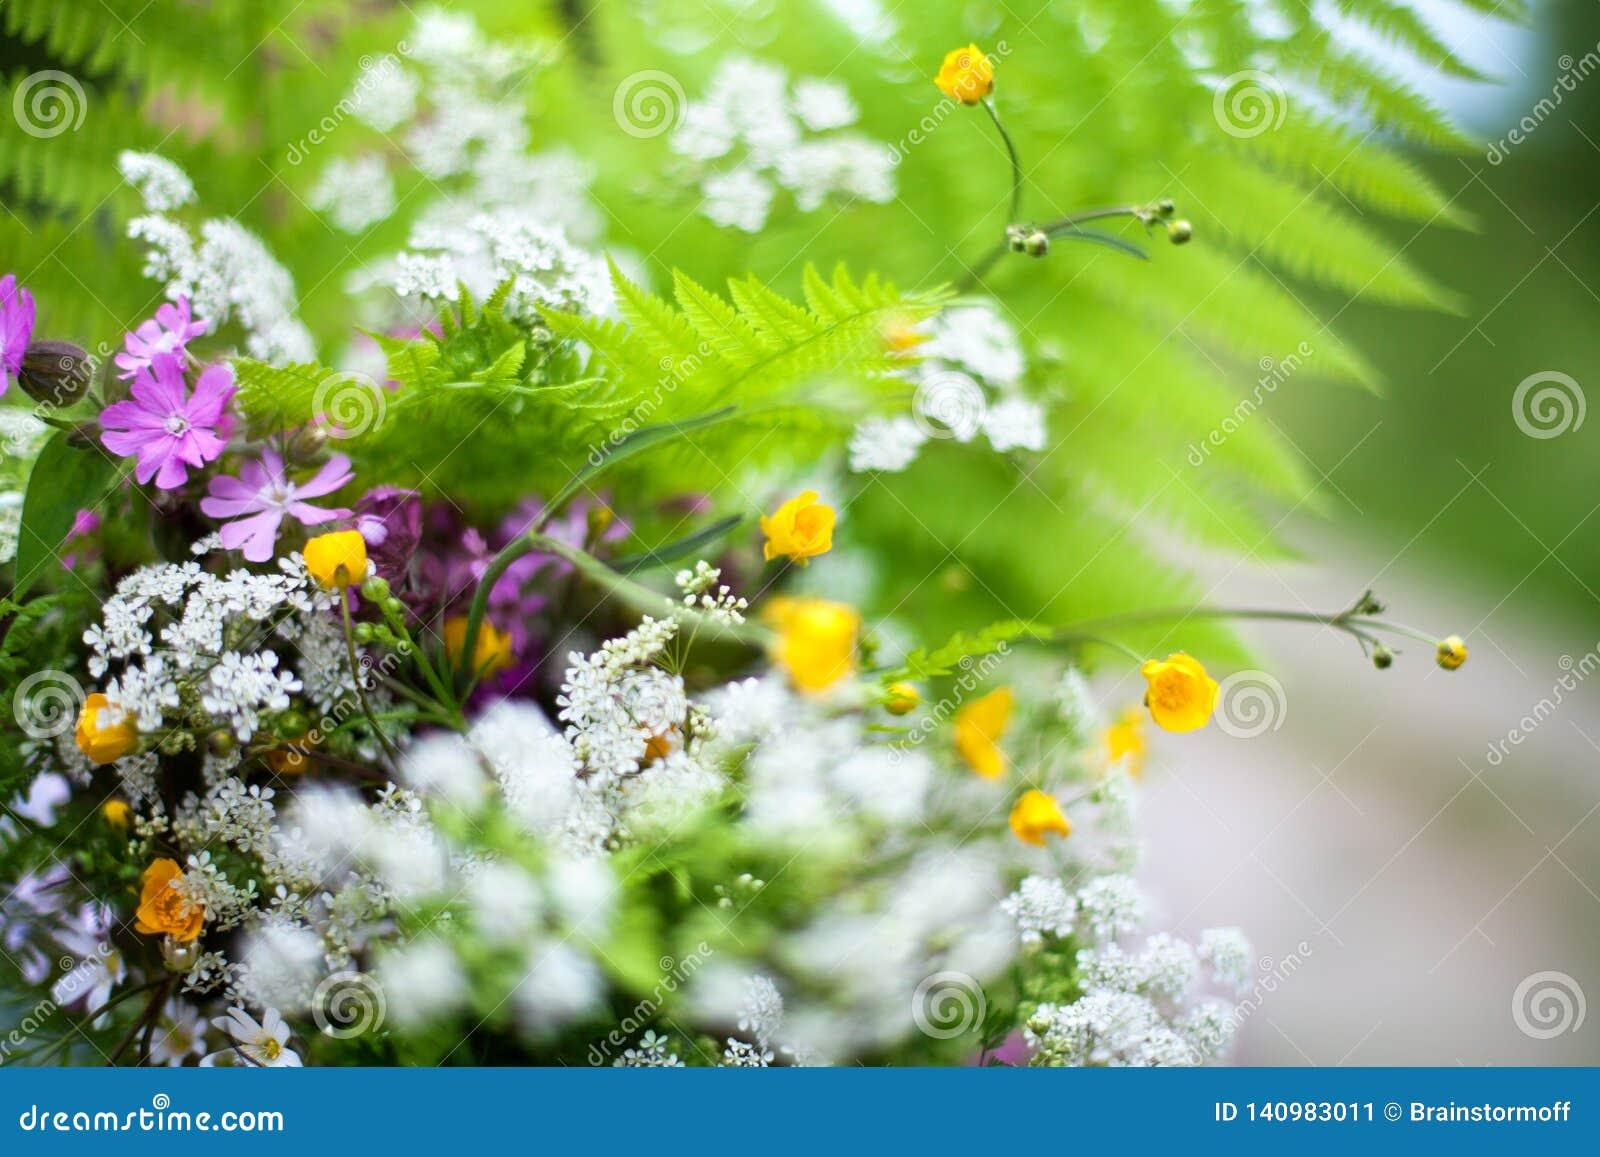 Grüner Feldblumenstrauß von Farnblättern, viele verschiedenen kleinen weißen, gelben, purpurroten Wildflowers verwischte Hintergr